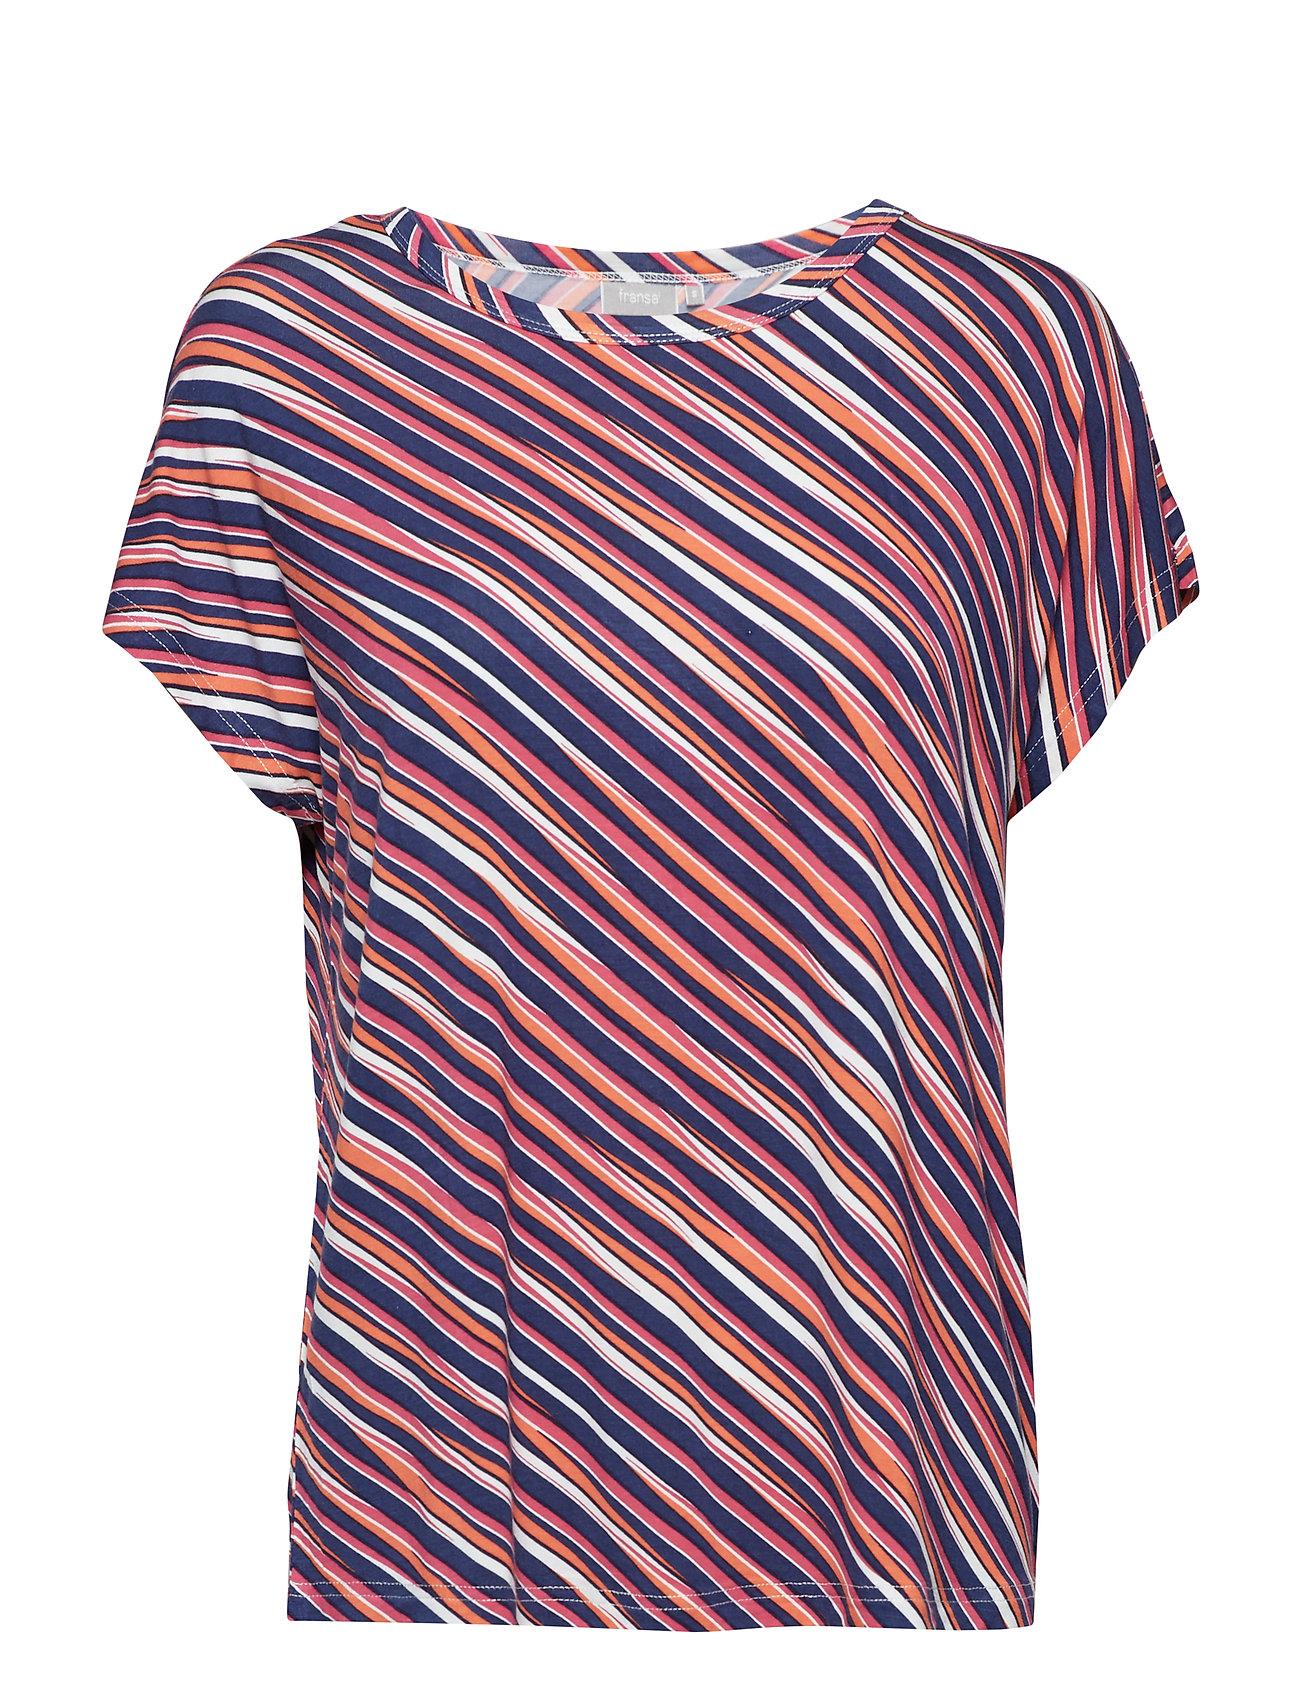 Fransa Becaround 1 T shirt Ögrönlar